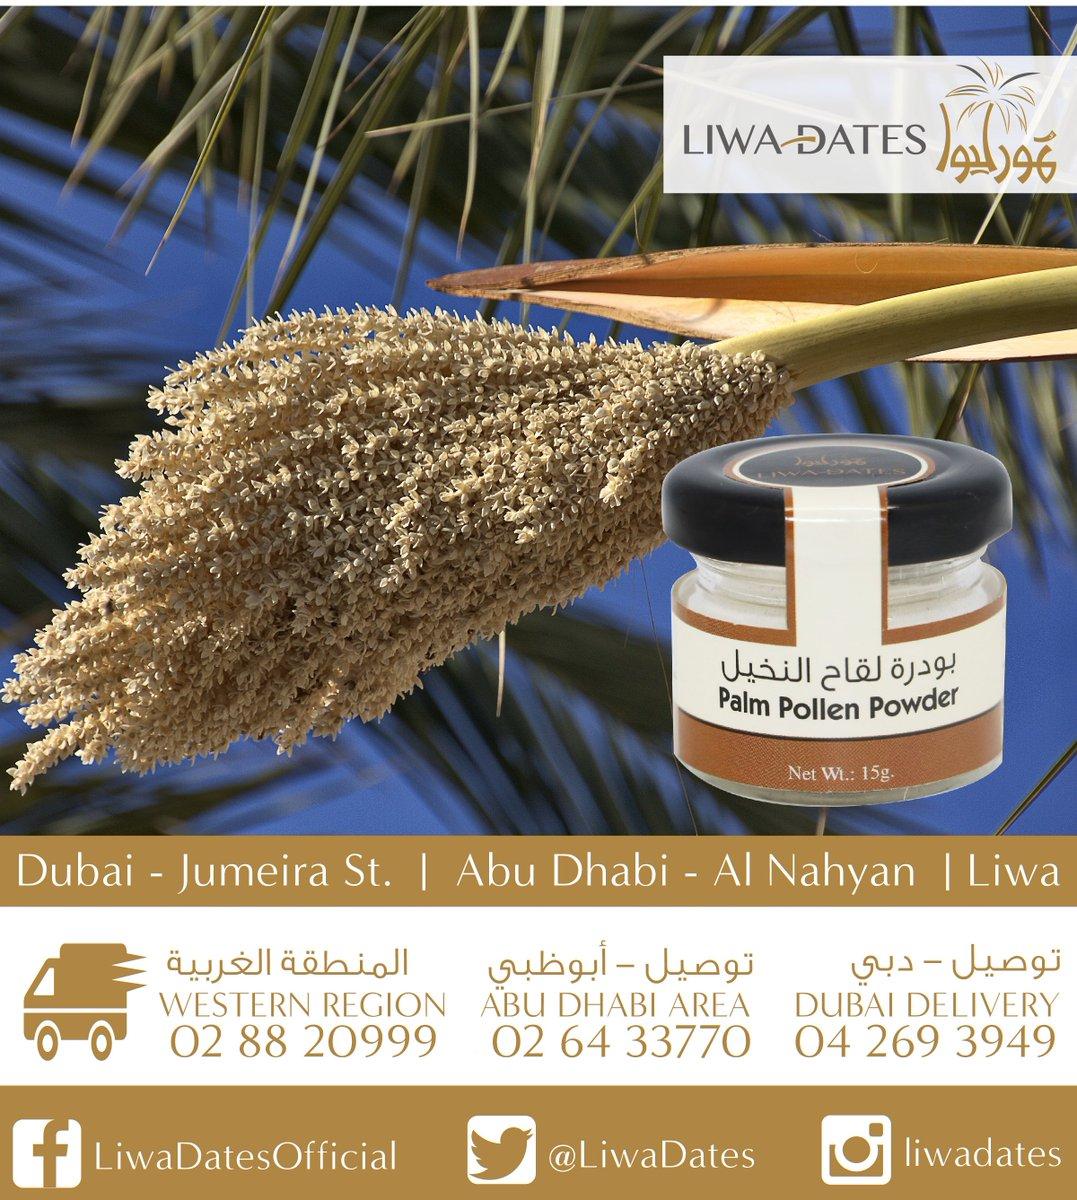 تمور ليوا Liwa Dates On Twitter Palm Pollen Powder بودرة لقاح النخيل Dubai Abudhabi Jumeirah Liwa Palm Health دبي ابوظبي جميرا ليوا تمر لقاح نخيل النخله Https T Co Dfudypcmto